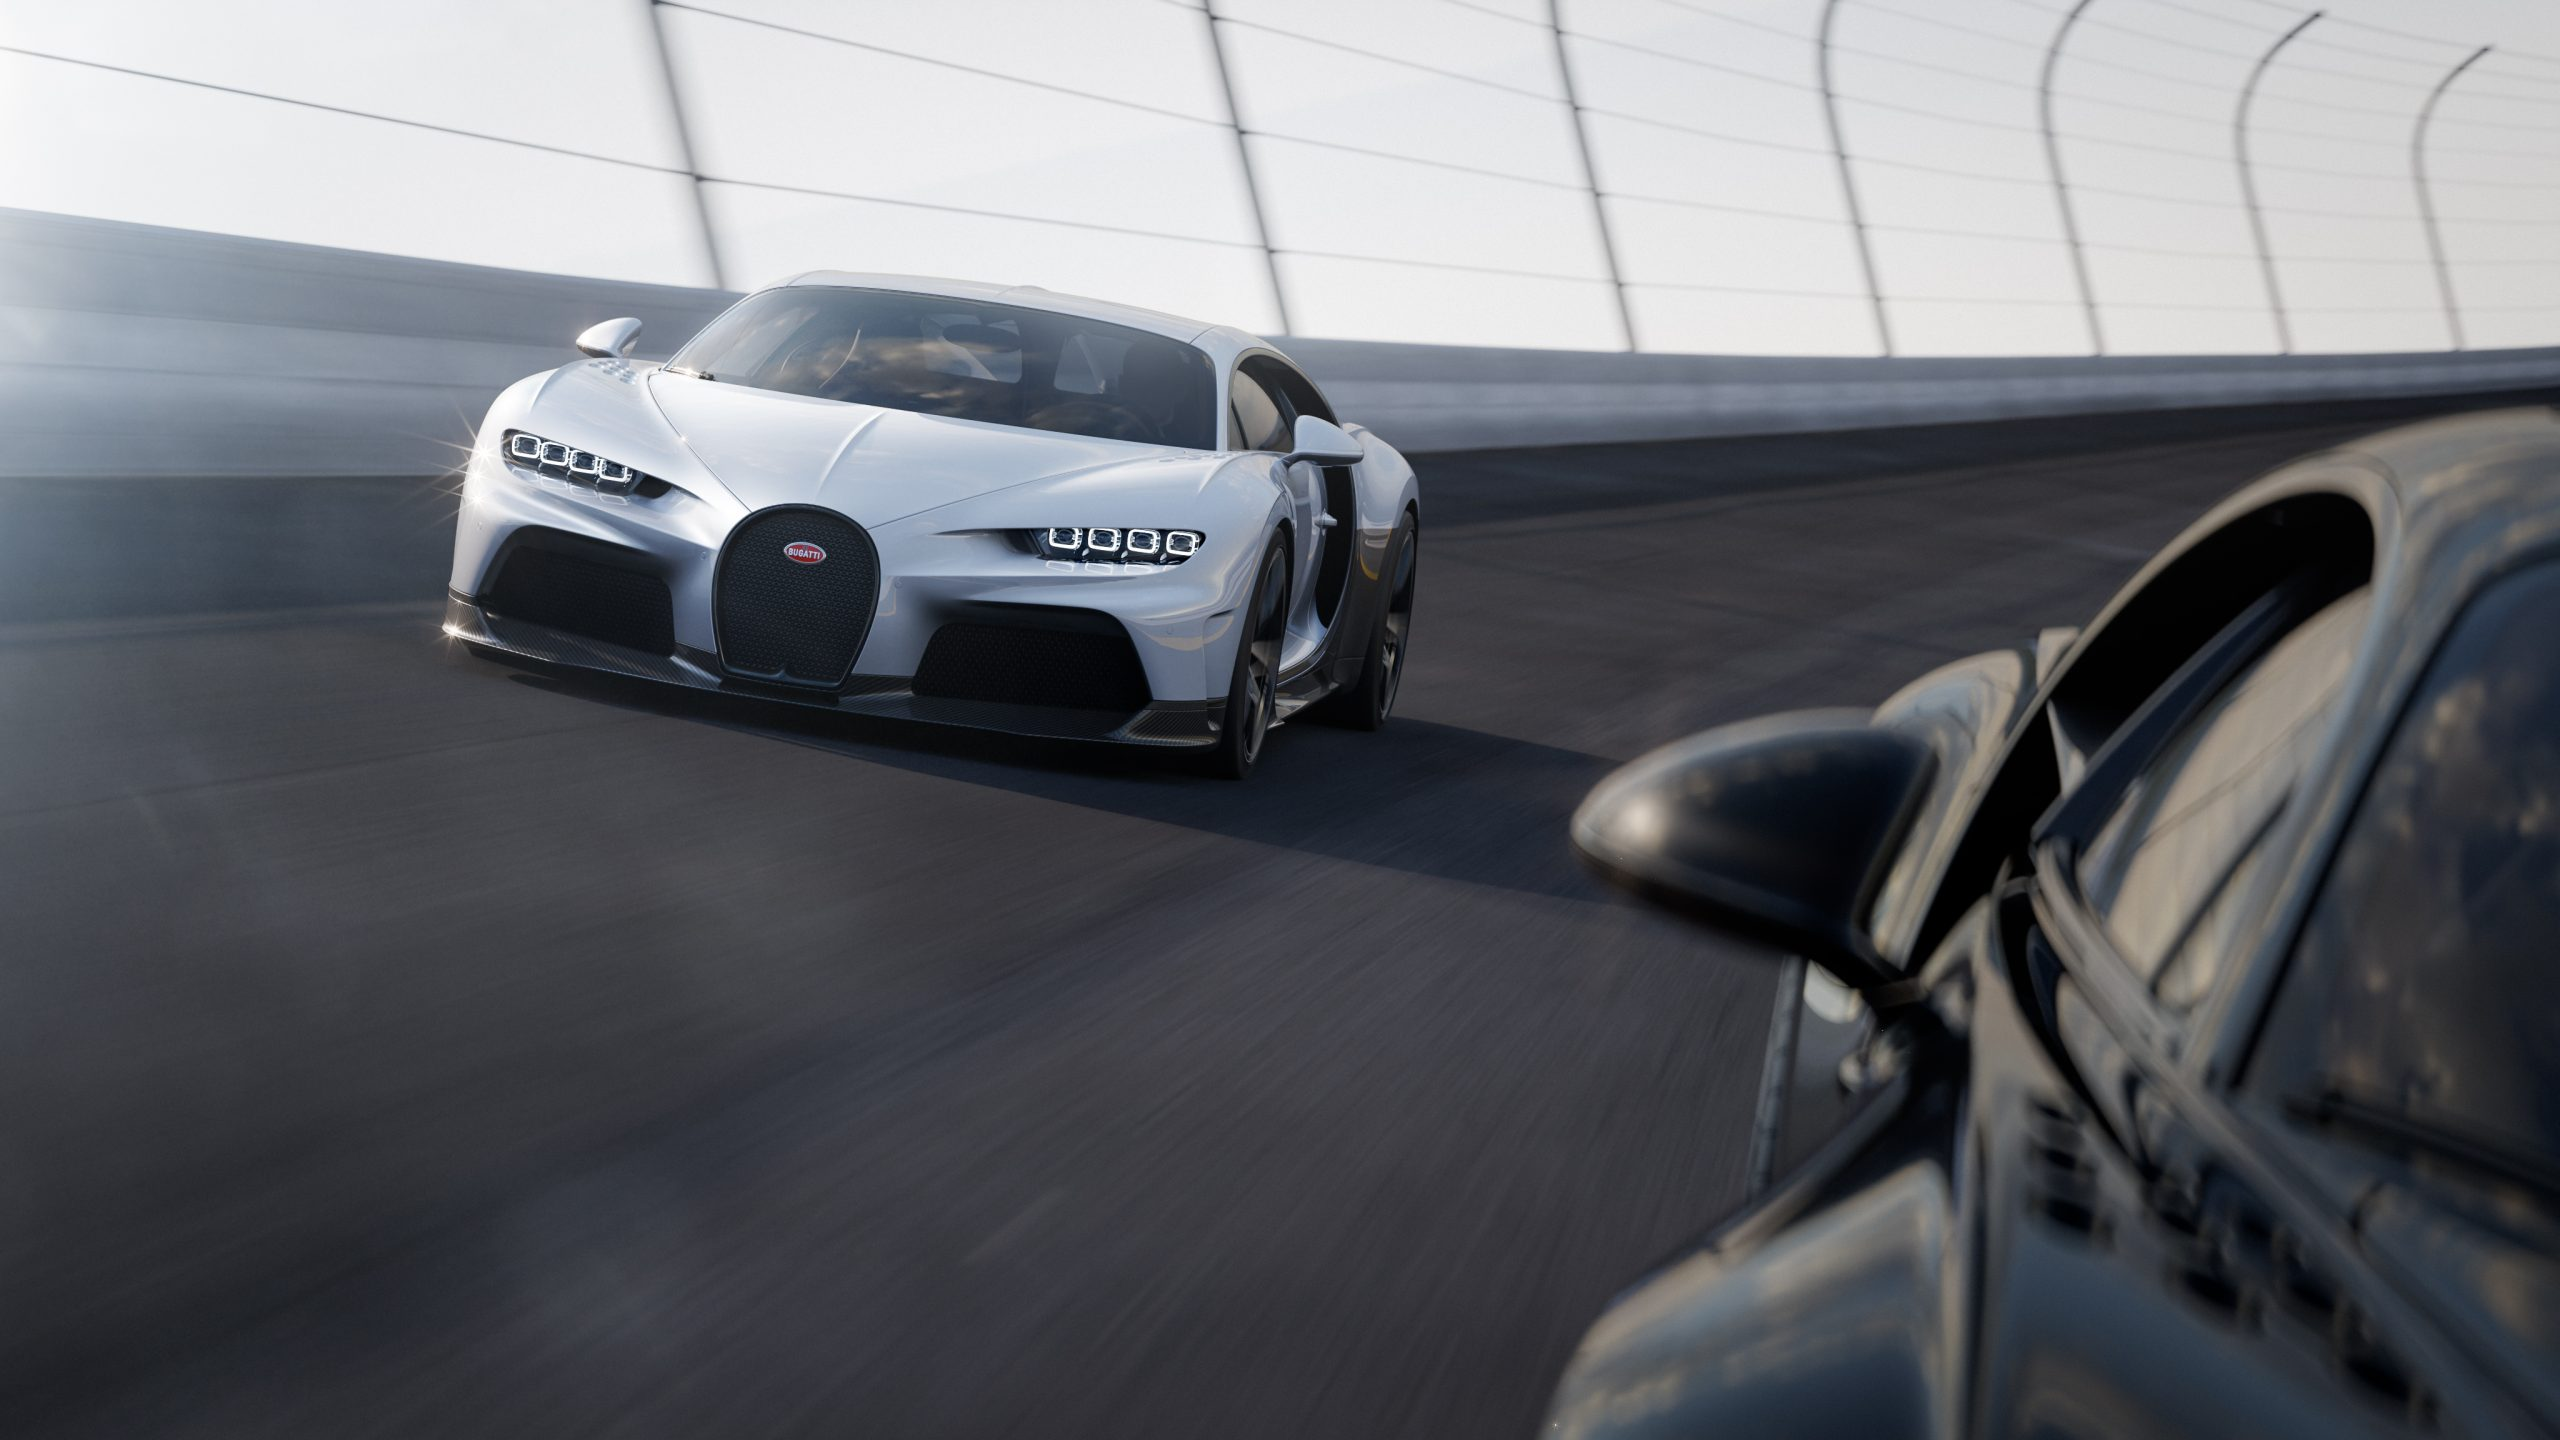 02 02 bugatti chiron super sport high speed front scaled Rimac και Porsche, αγοράζουν τη Bugatti; Bugatti, Porsche, Rimac, Volkswagen, VW, zblog, ειδήσεις, Νέα